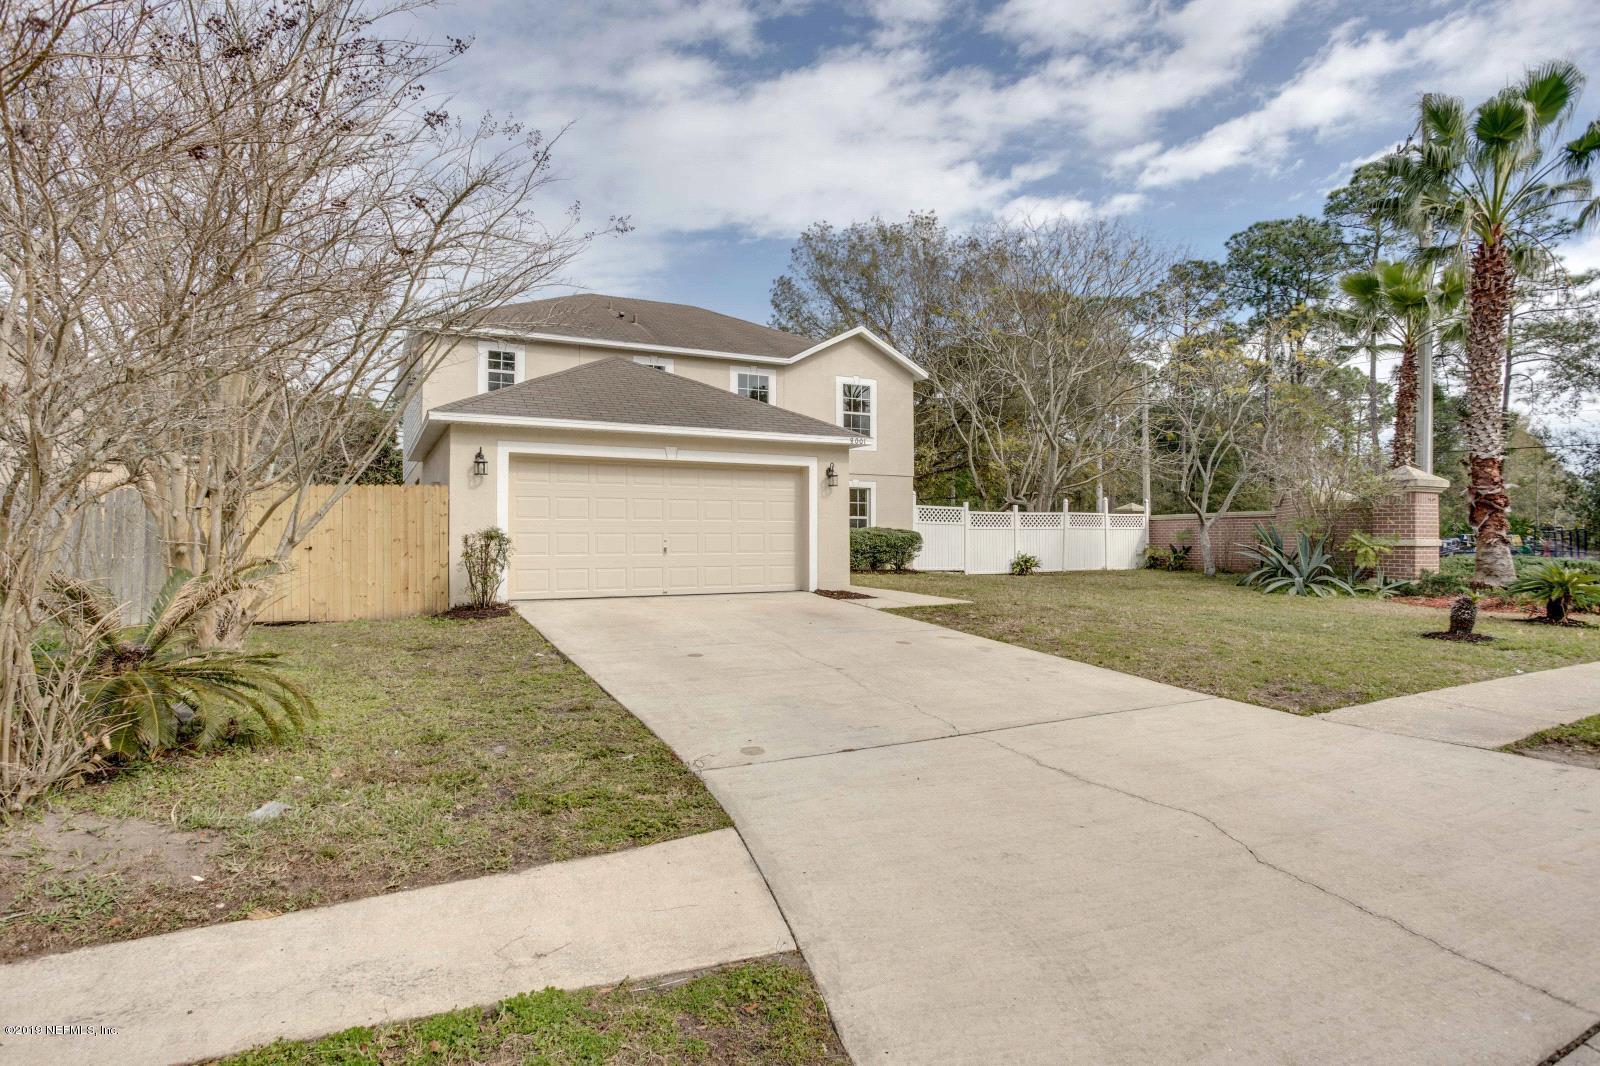 8001 Foxdale Dr Jacksonville, FL 32210